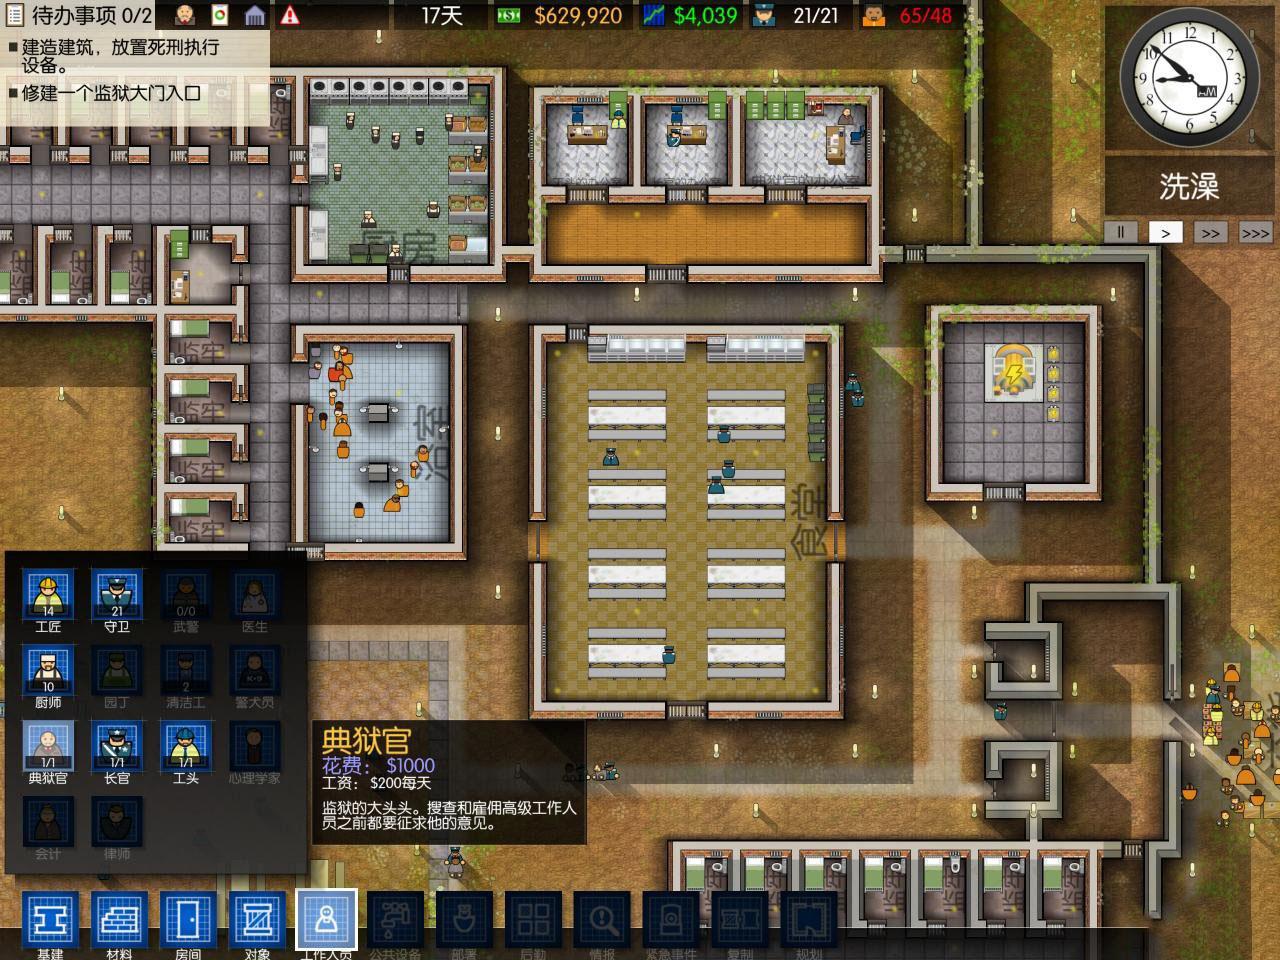 监狱建筑师 Prison Architect for Mac 1.0 激活版 – 监狱主题模拟经营类游戏-爱情守望者